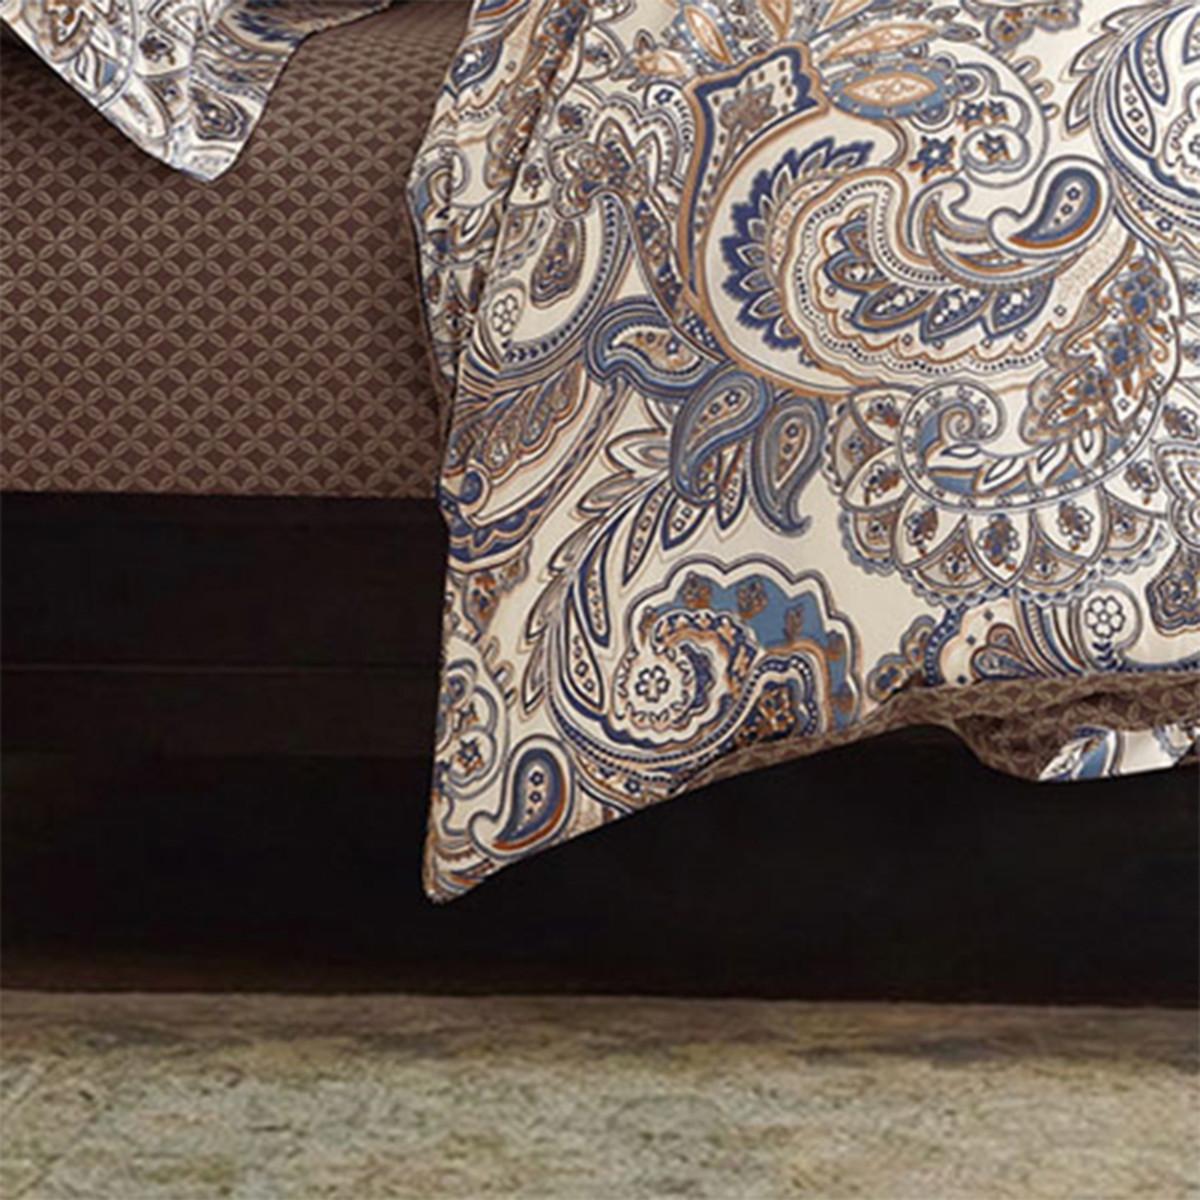 Комплект Постельного Белья Орнамент Полутораспальный Сатин 70x70